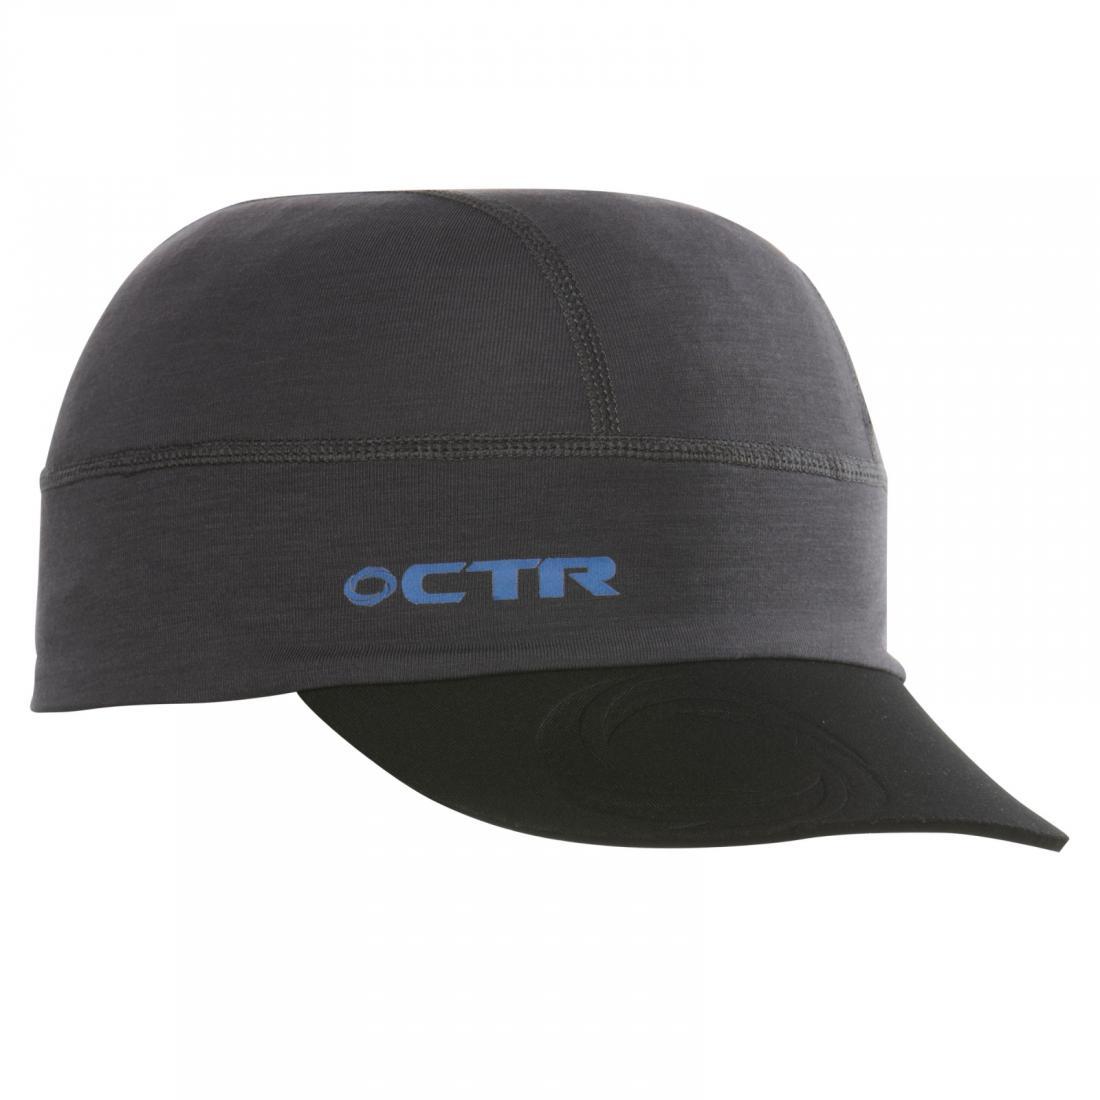 Шапка Chaos  Neox SkullyШапки<br><br> Спортивная шапка Chaos Neox Skully — это универсальный вариант для разных видов активных отдыха. Выполненная из качественной эластичной ткани, она плотно облегает голову, защищая ее от ветра и холодного воздуха. Эта модель идеально подойдет для зан...<br><br>Цвет: Черный<br>Размер: None